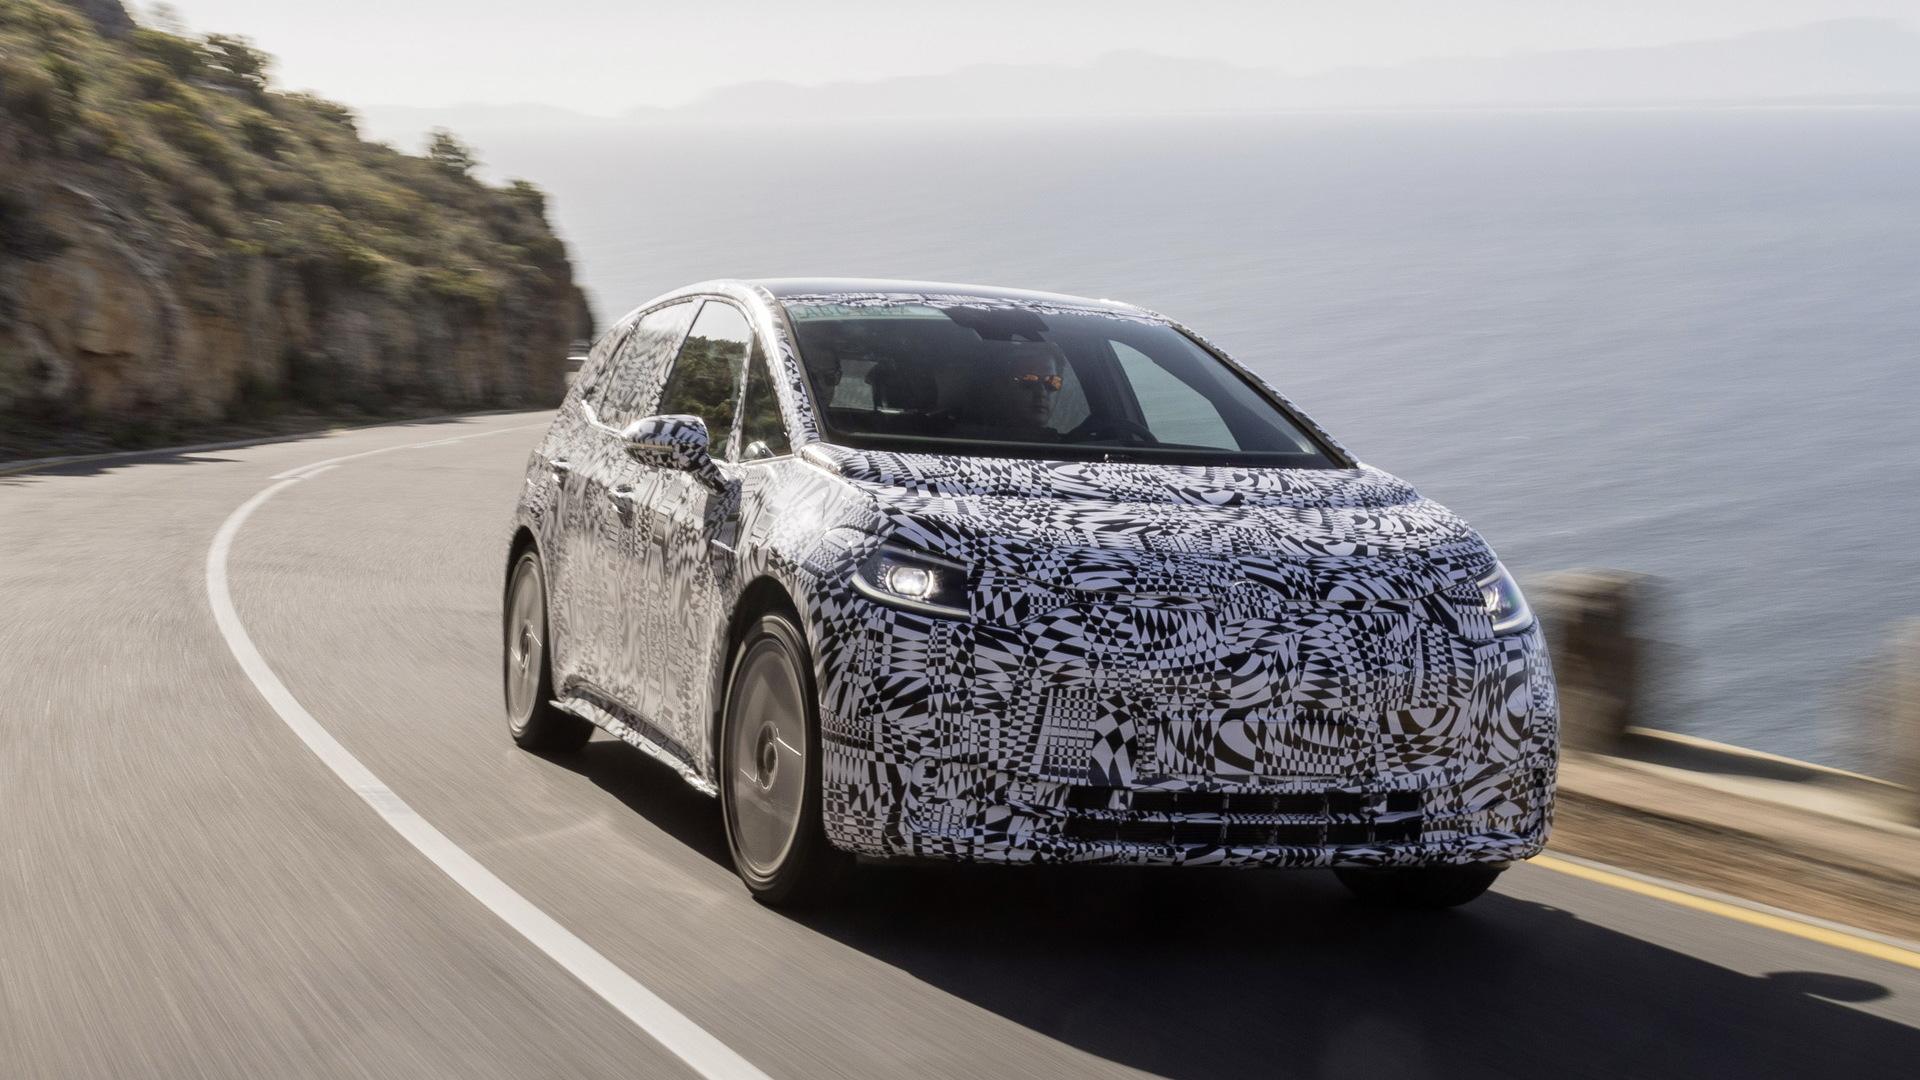 2020 Volkswagen ID 3 spy shots